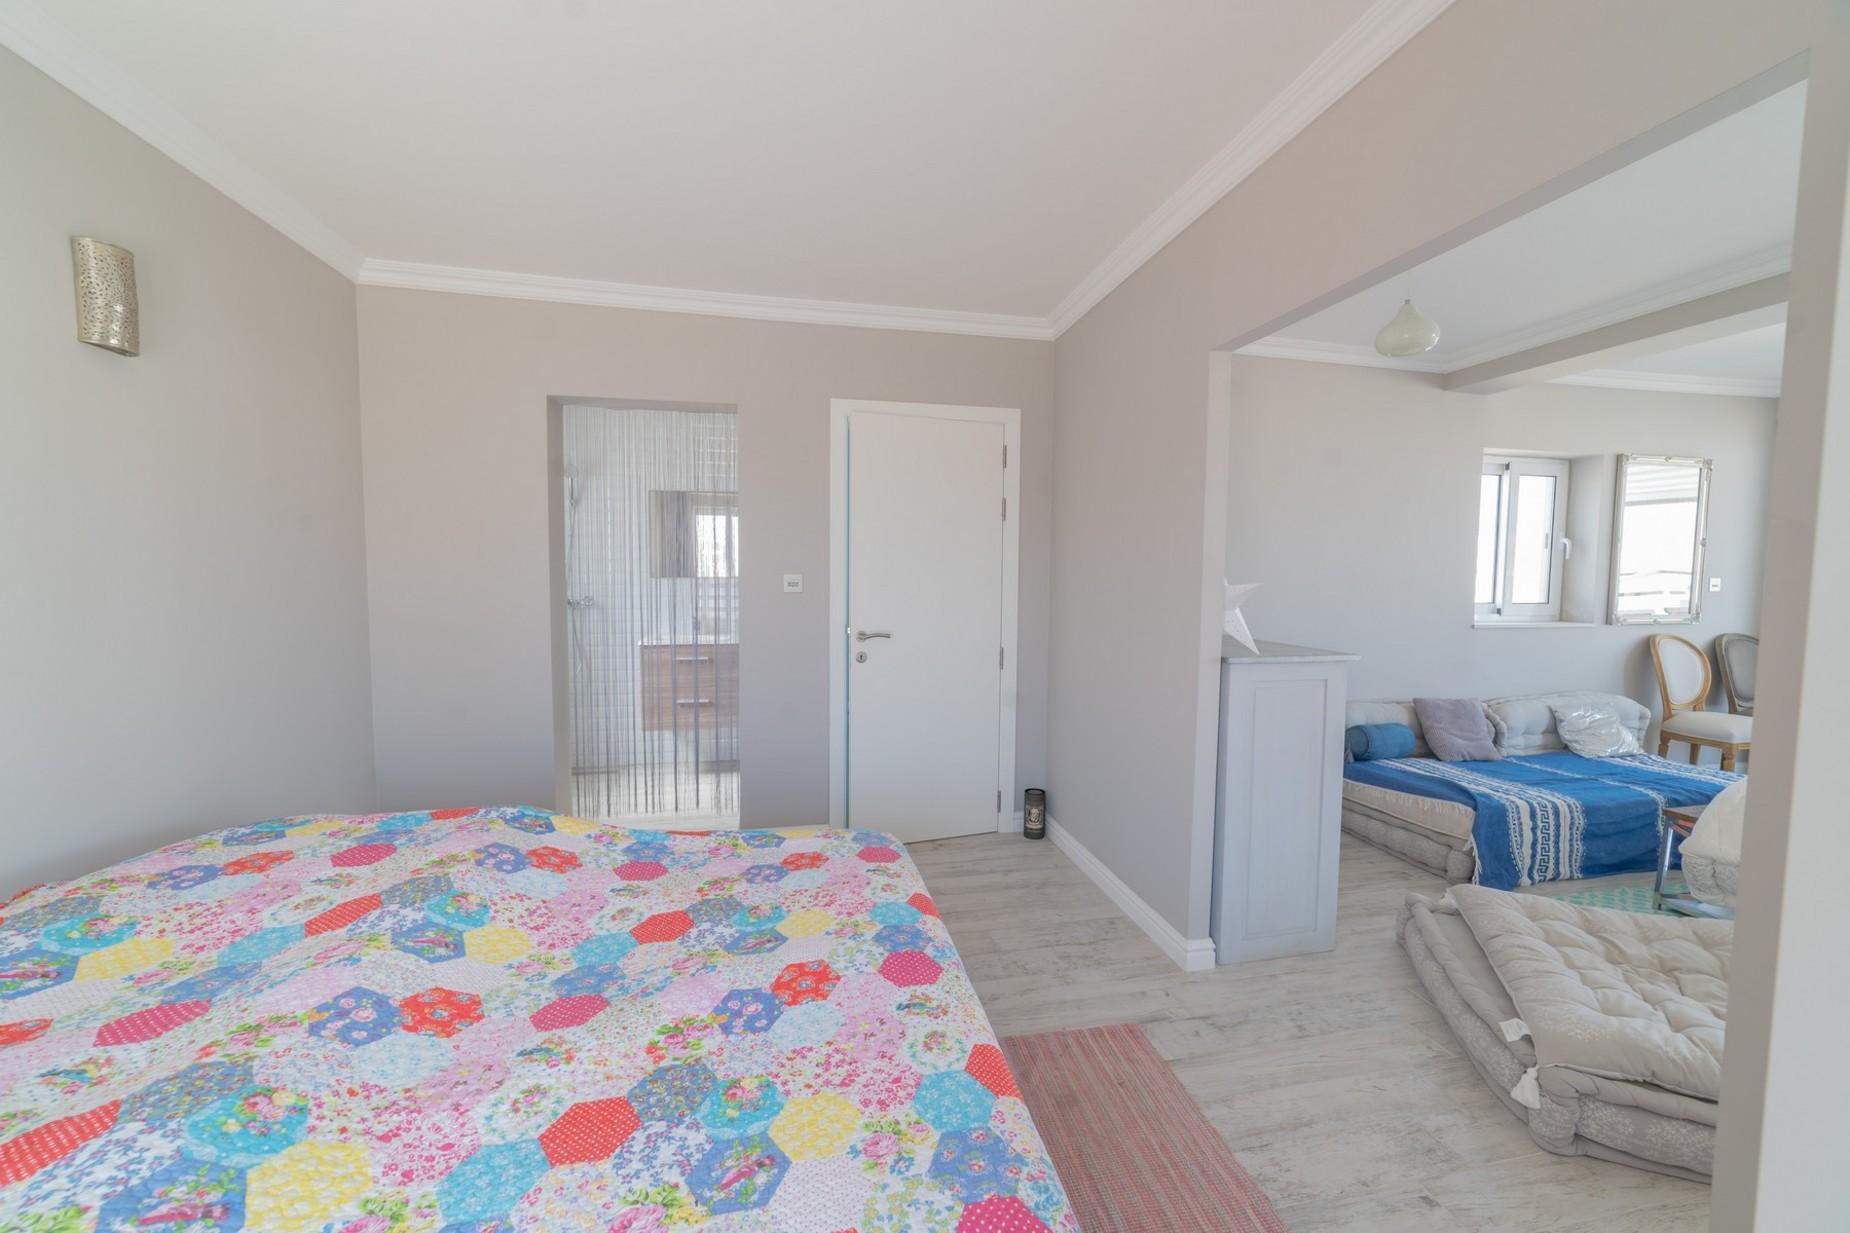 4 bed Apartment For Sale in Ta' Xbiex, Ta' Xbiex - thumb 16